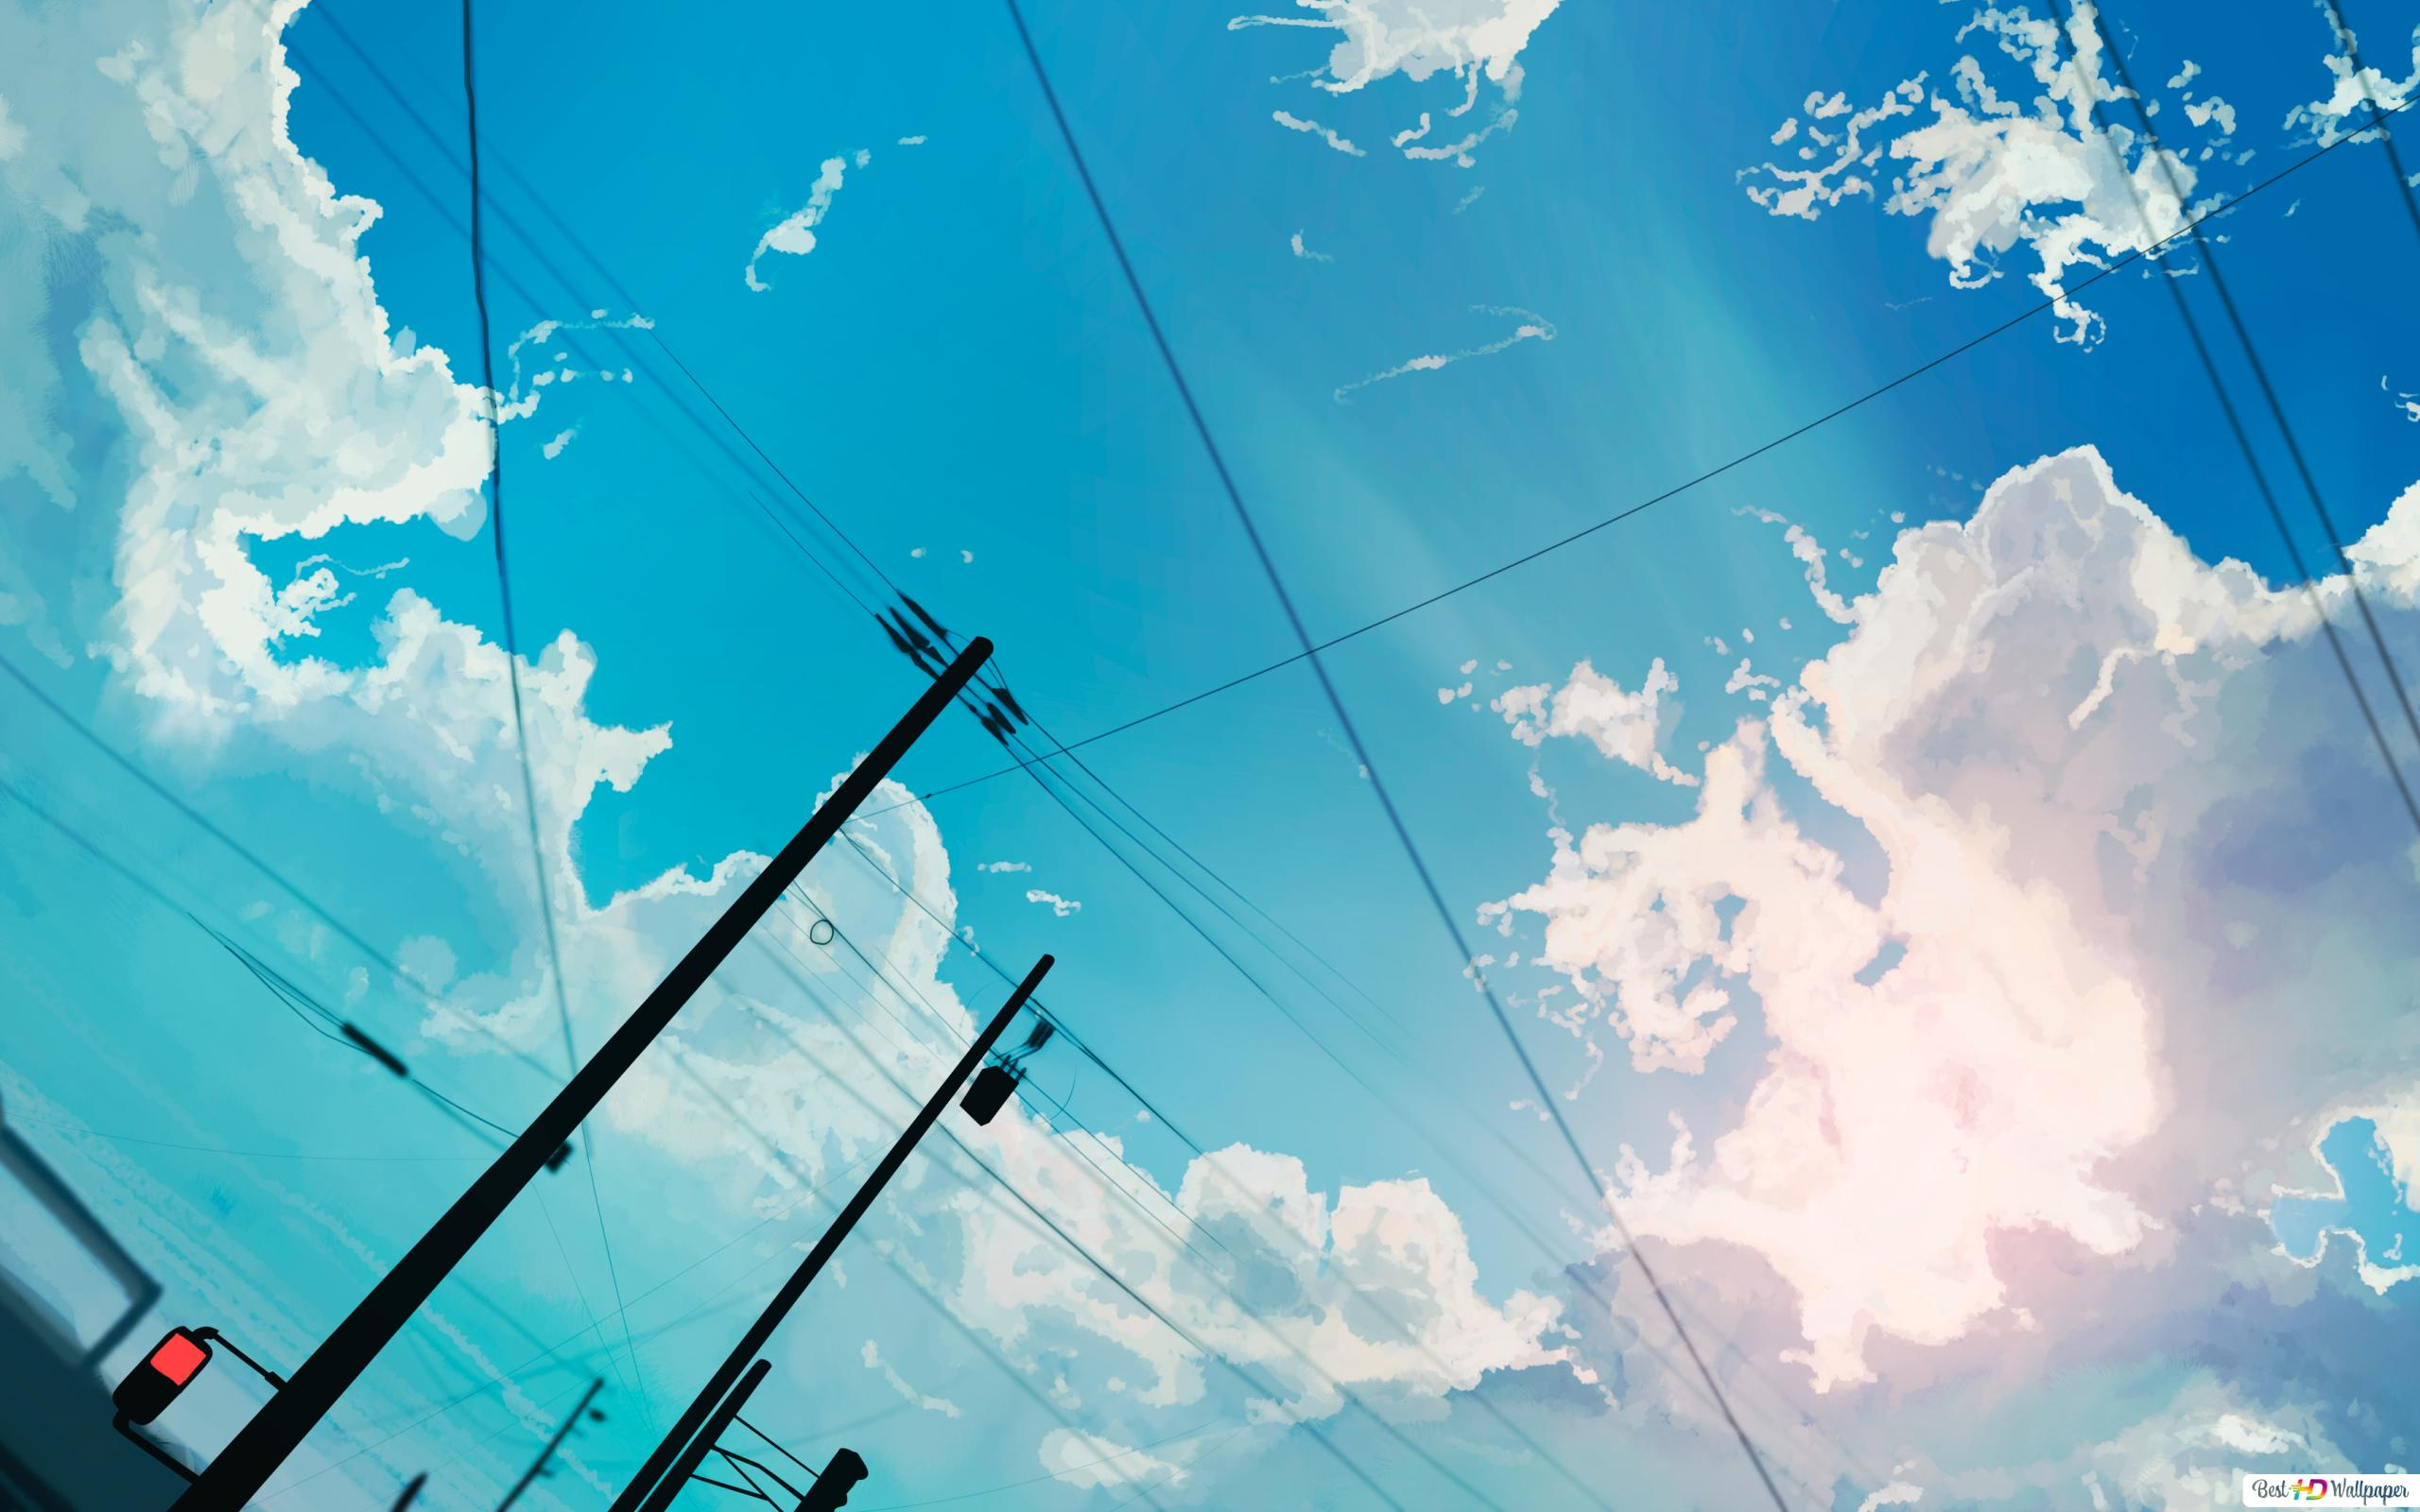 明るい青空 Hd壁紙のダウンロード